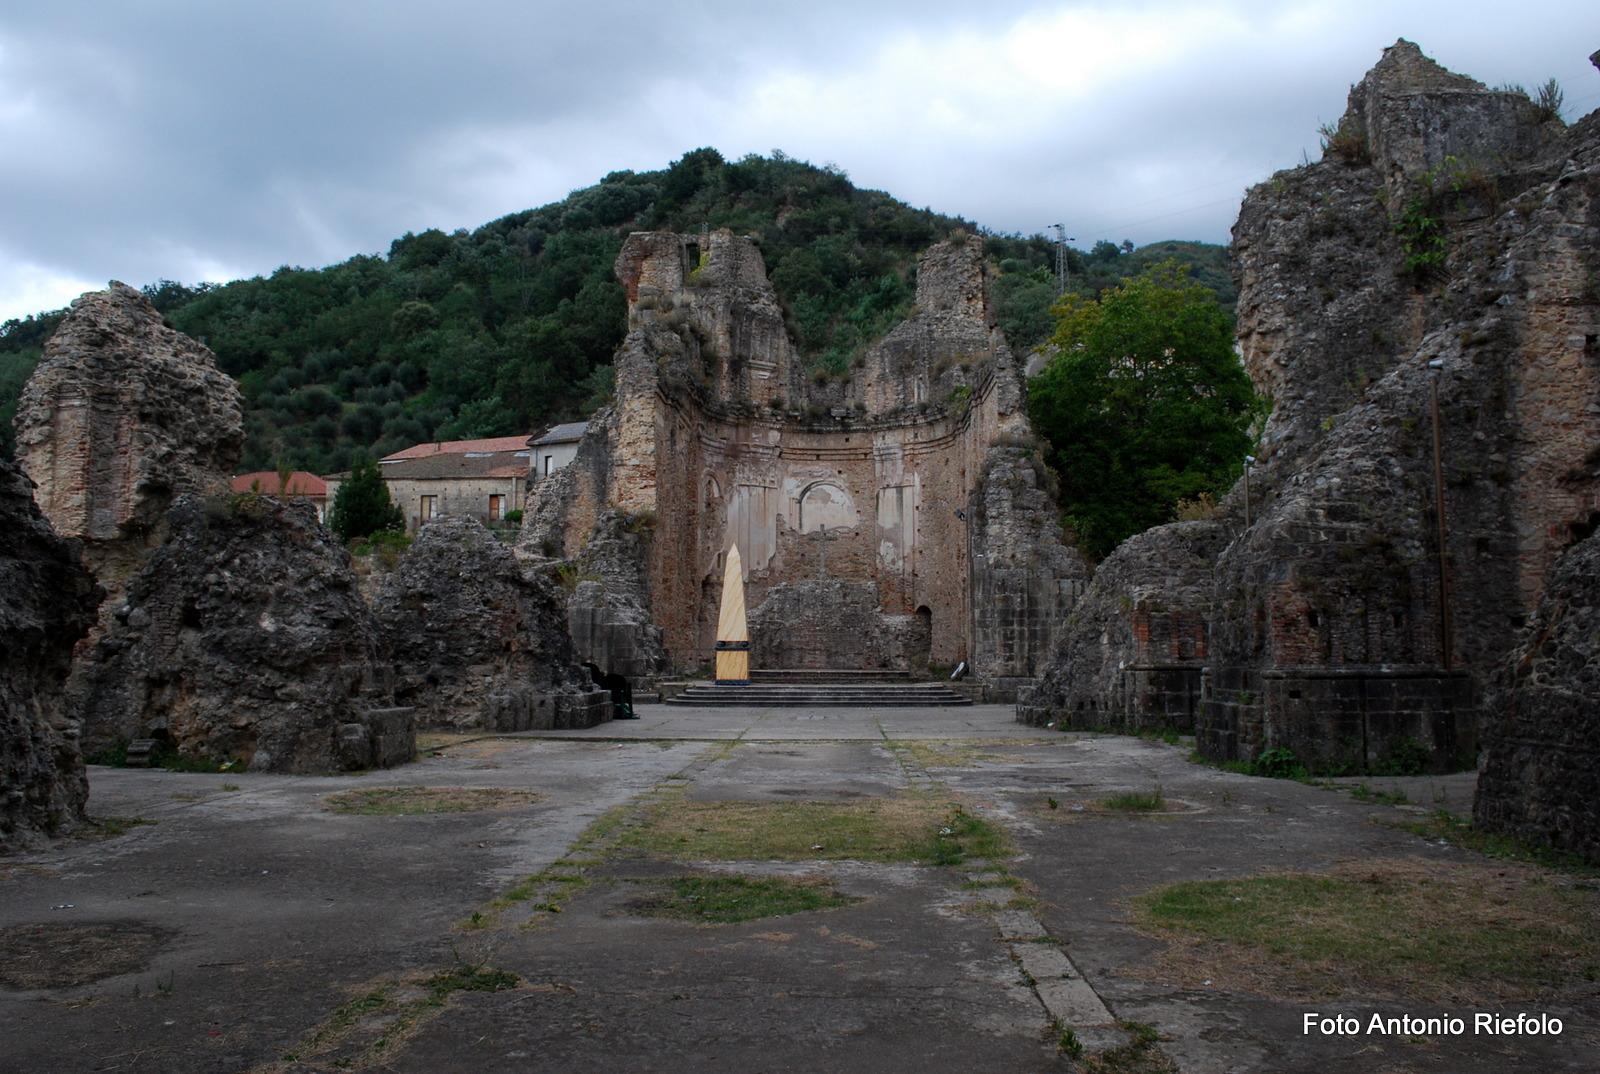 cattedrale_di_san_domenico_resti_(1)